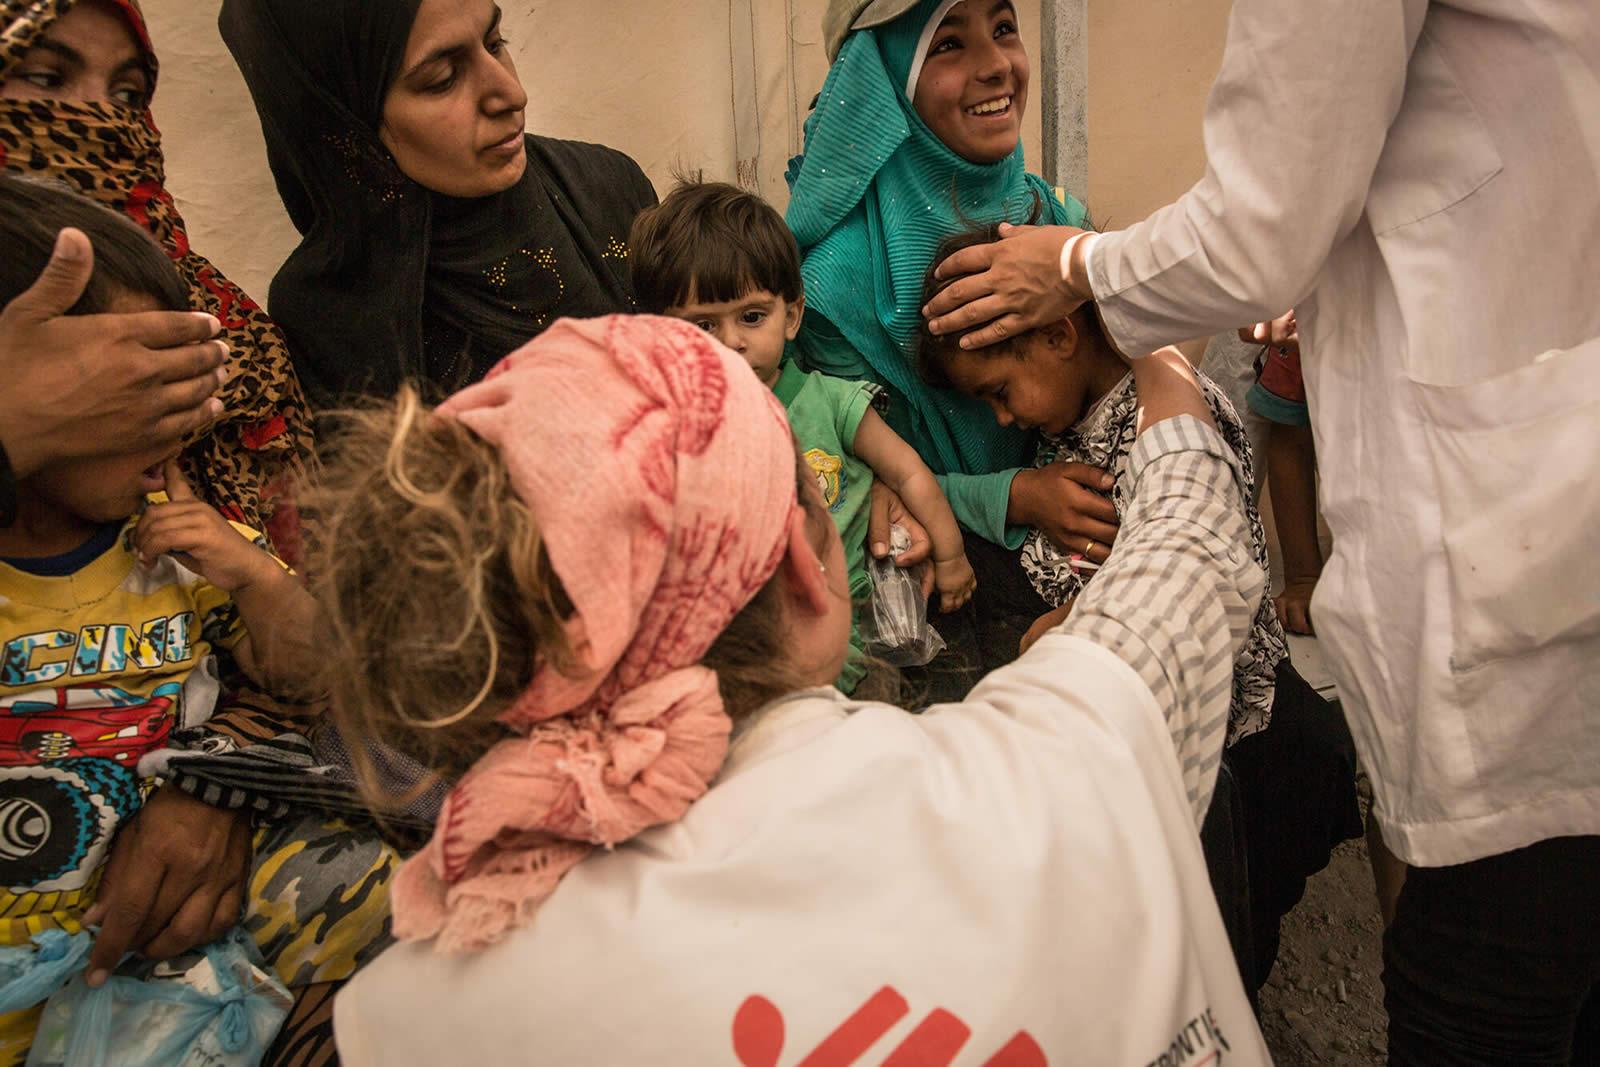 syria-10-yrs-2017-flee-camp.jpg